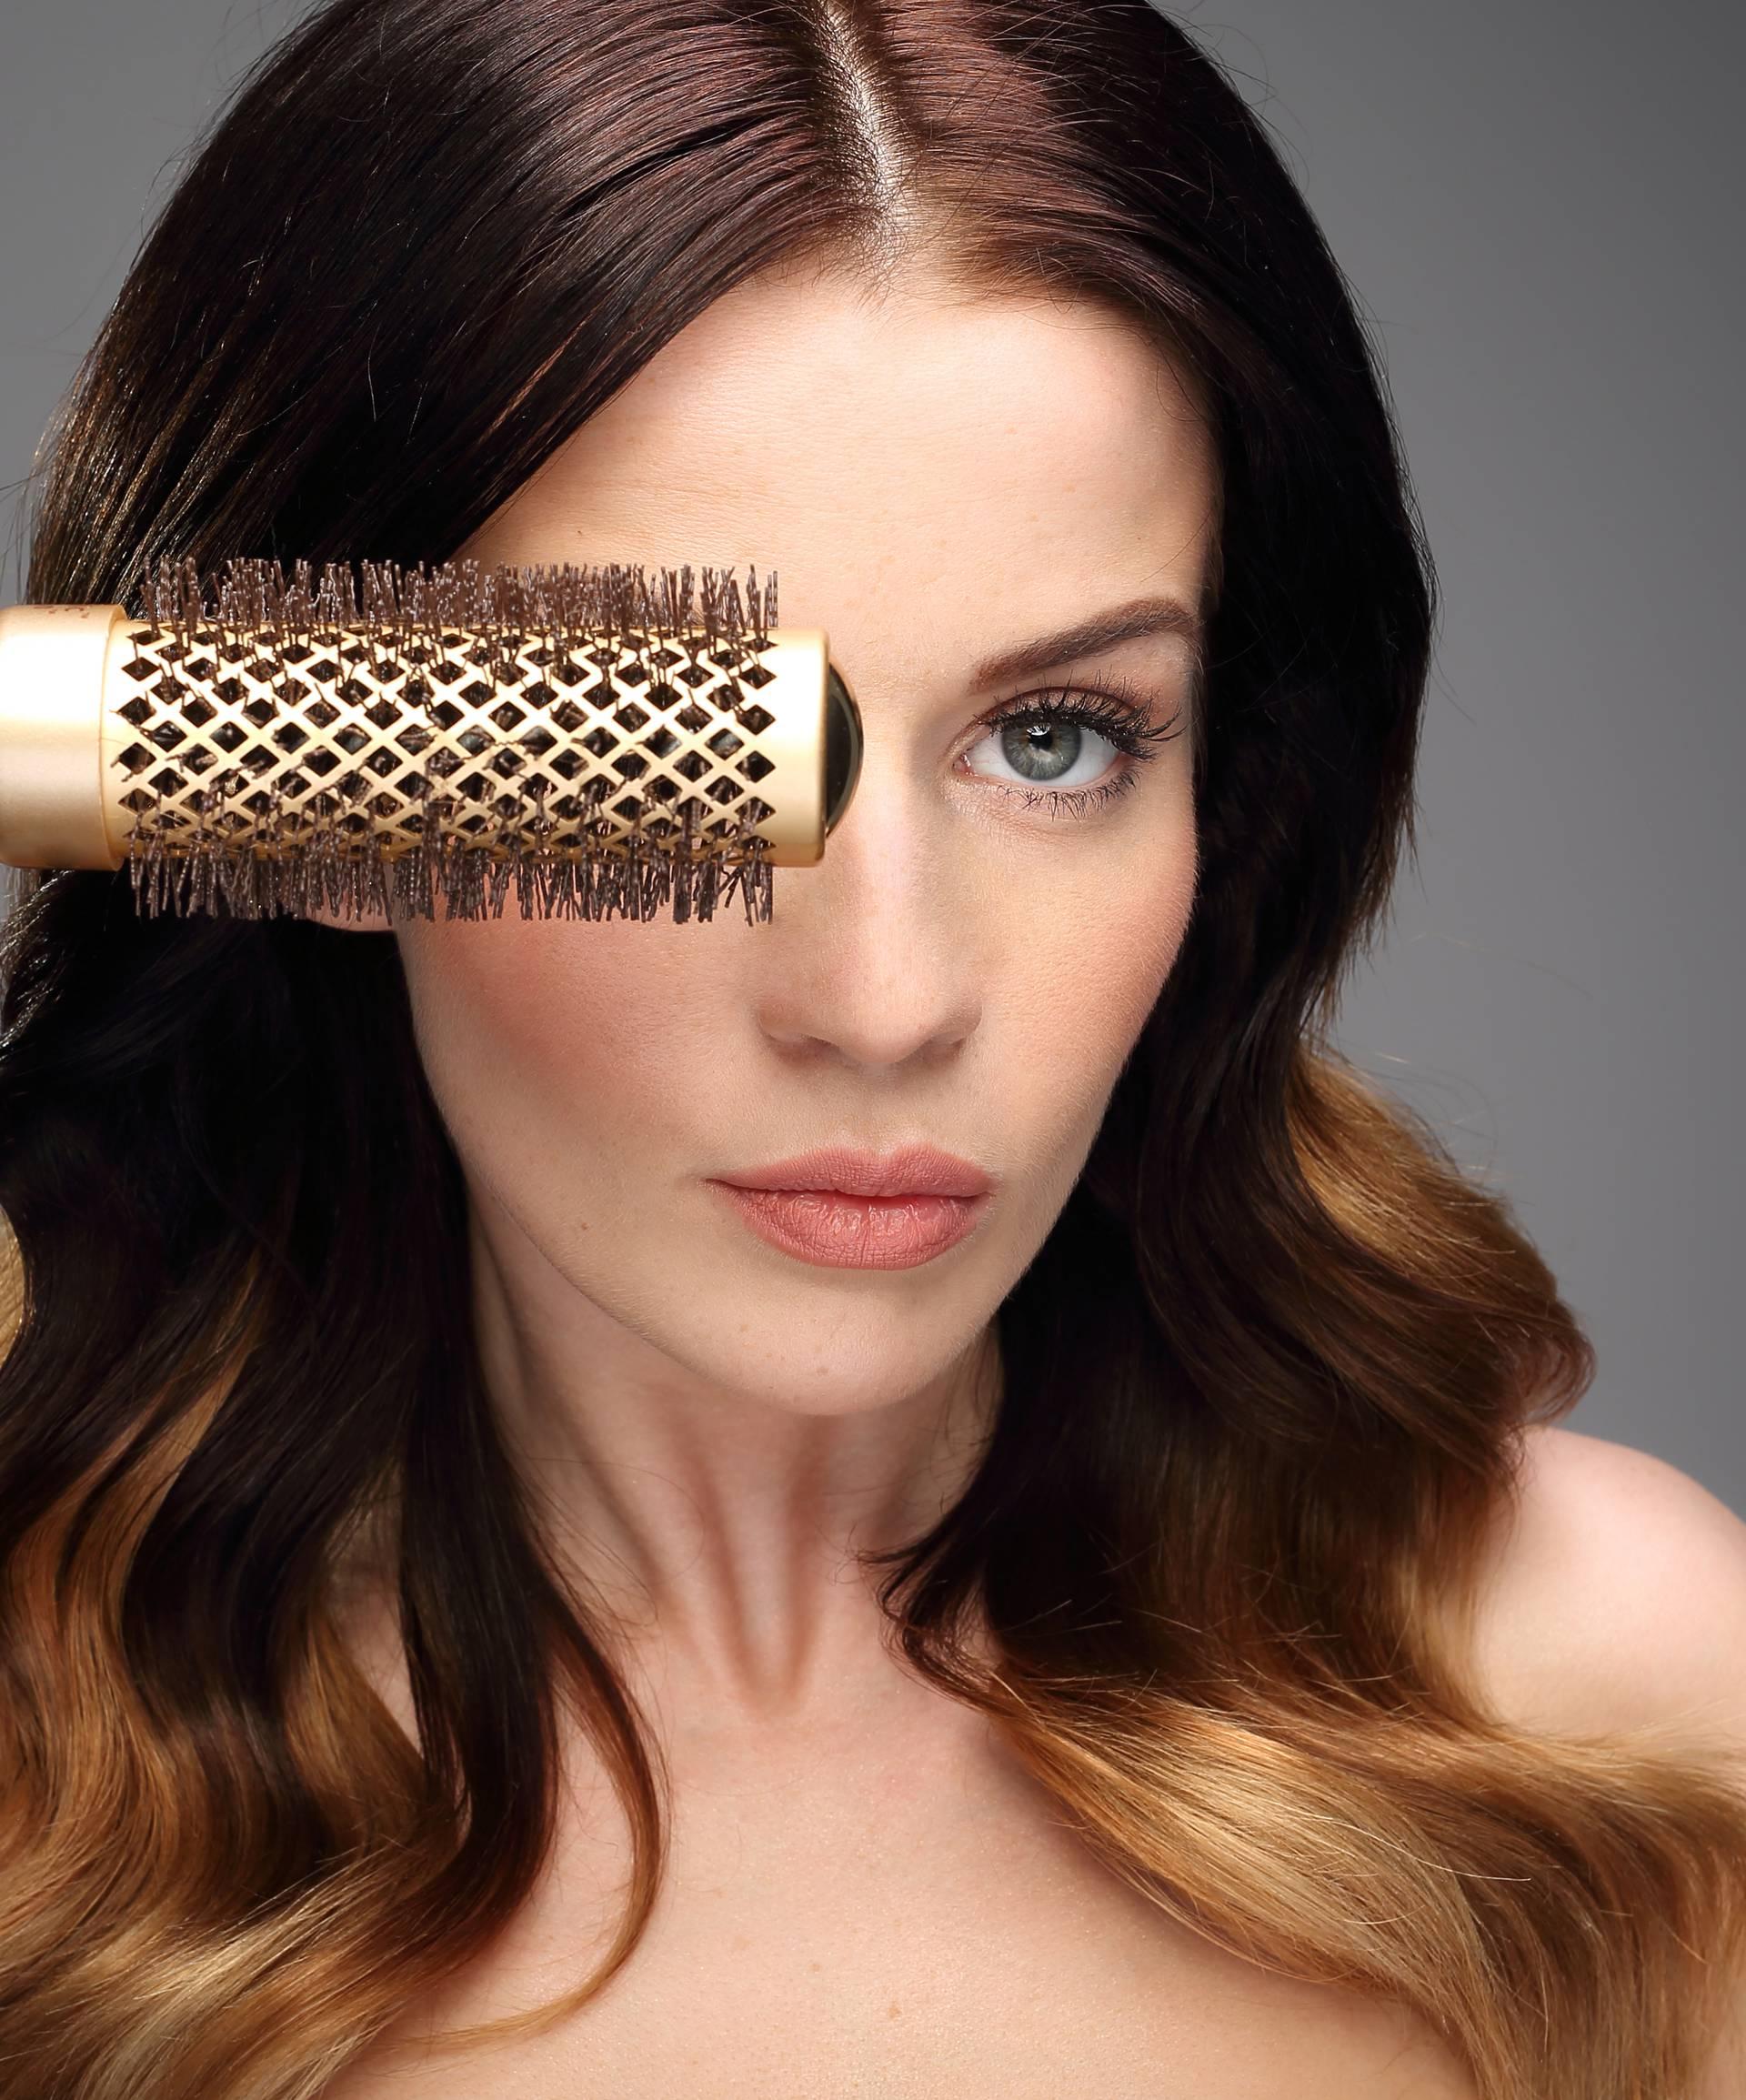 Oprez! Ako krivo koristite četku mogli bi si trajno oštetiti kosu